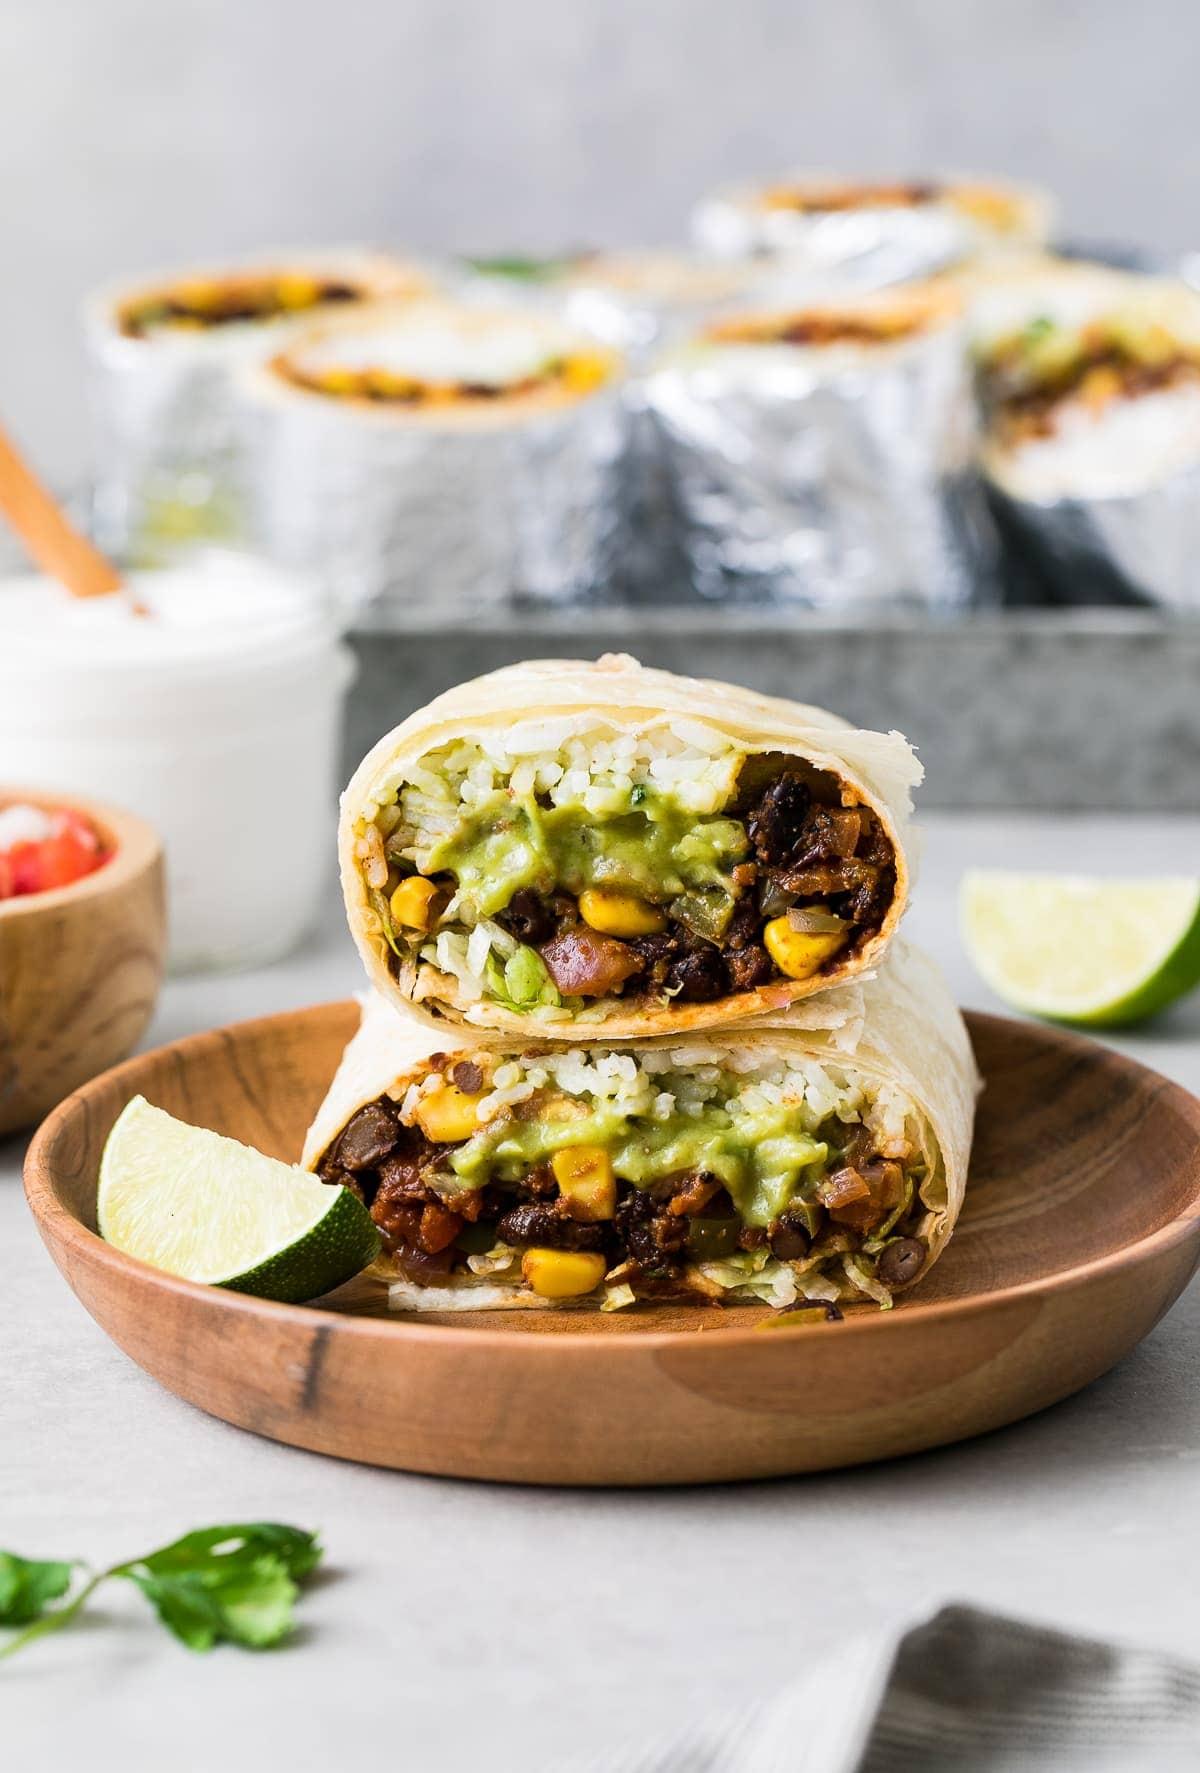 Vegan Burrito Quick Easy Recipe The Simple Veganista